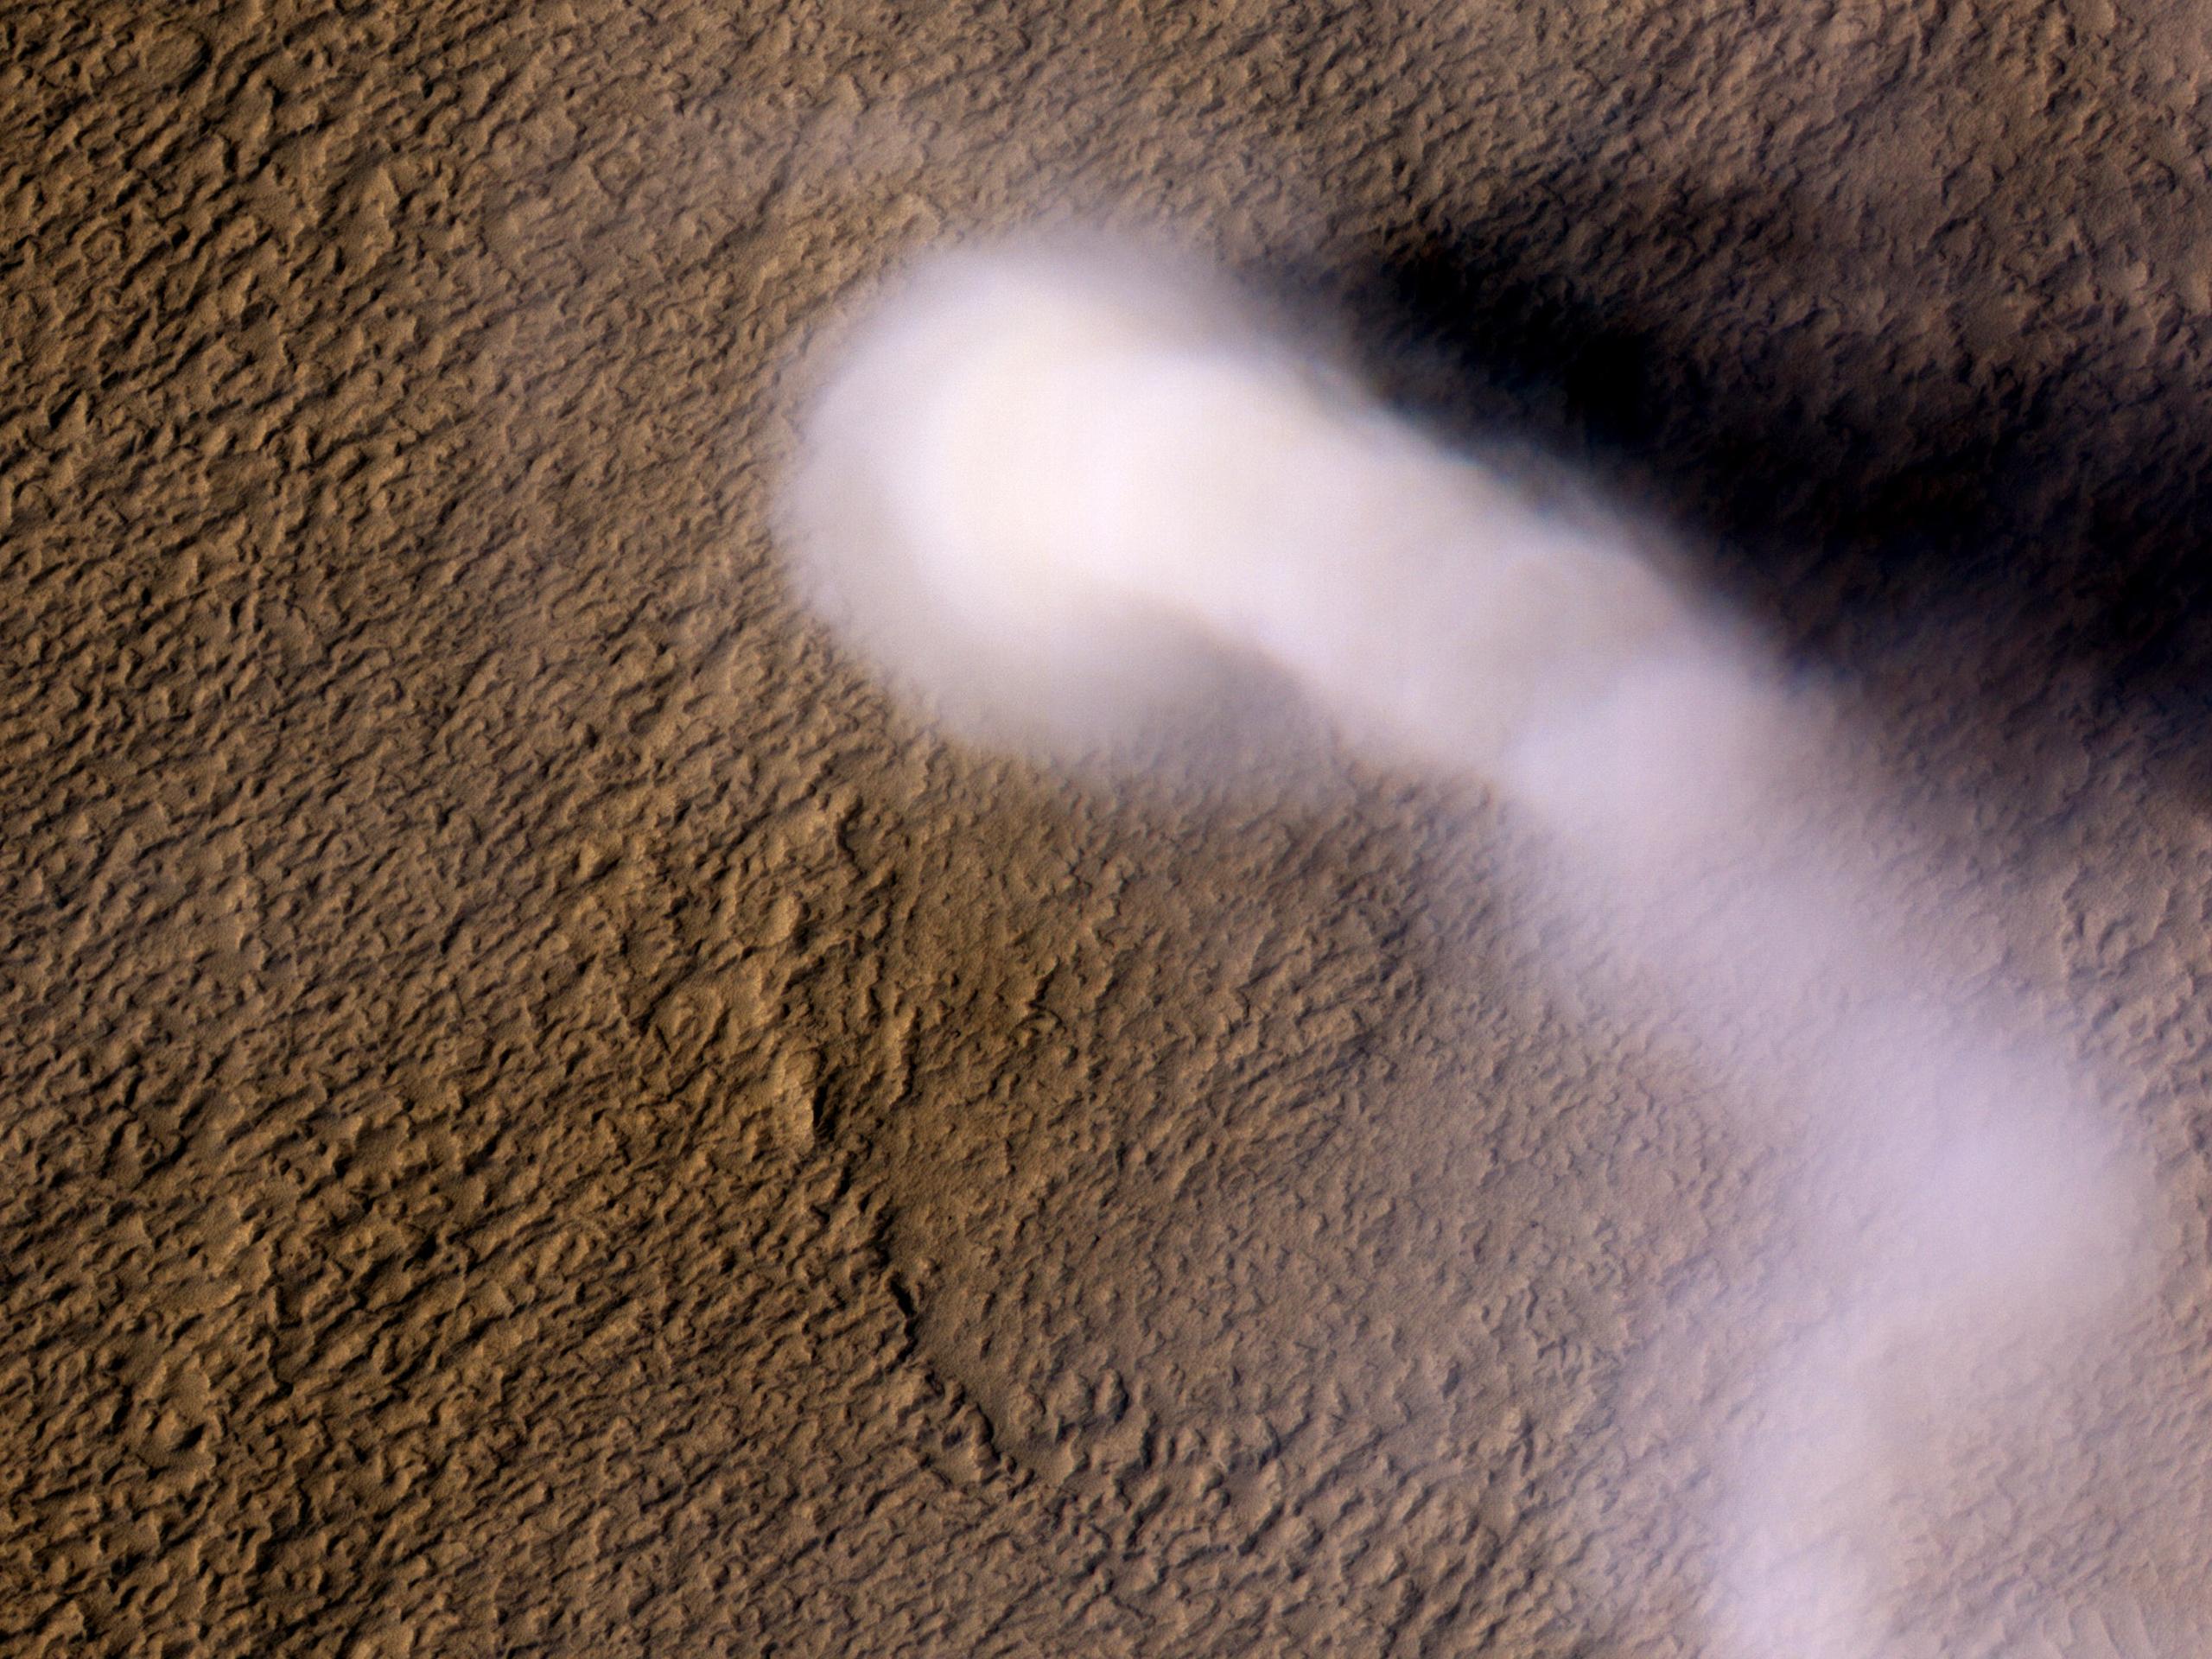 Информация о Марсе ESP_026394_2160